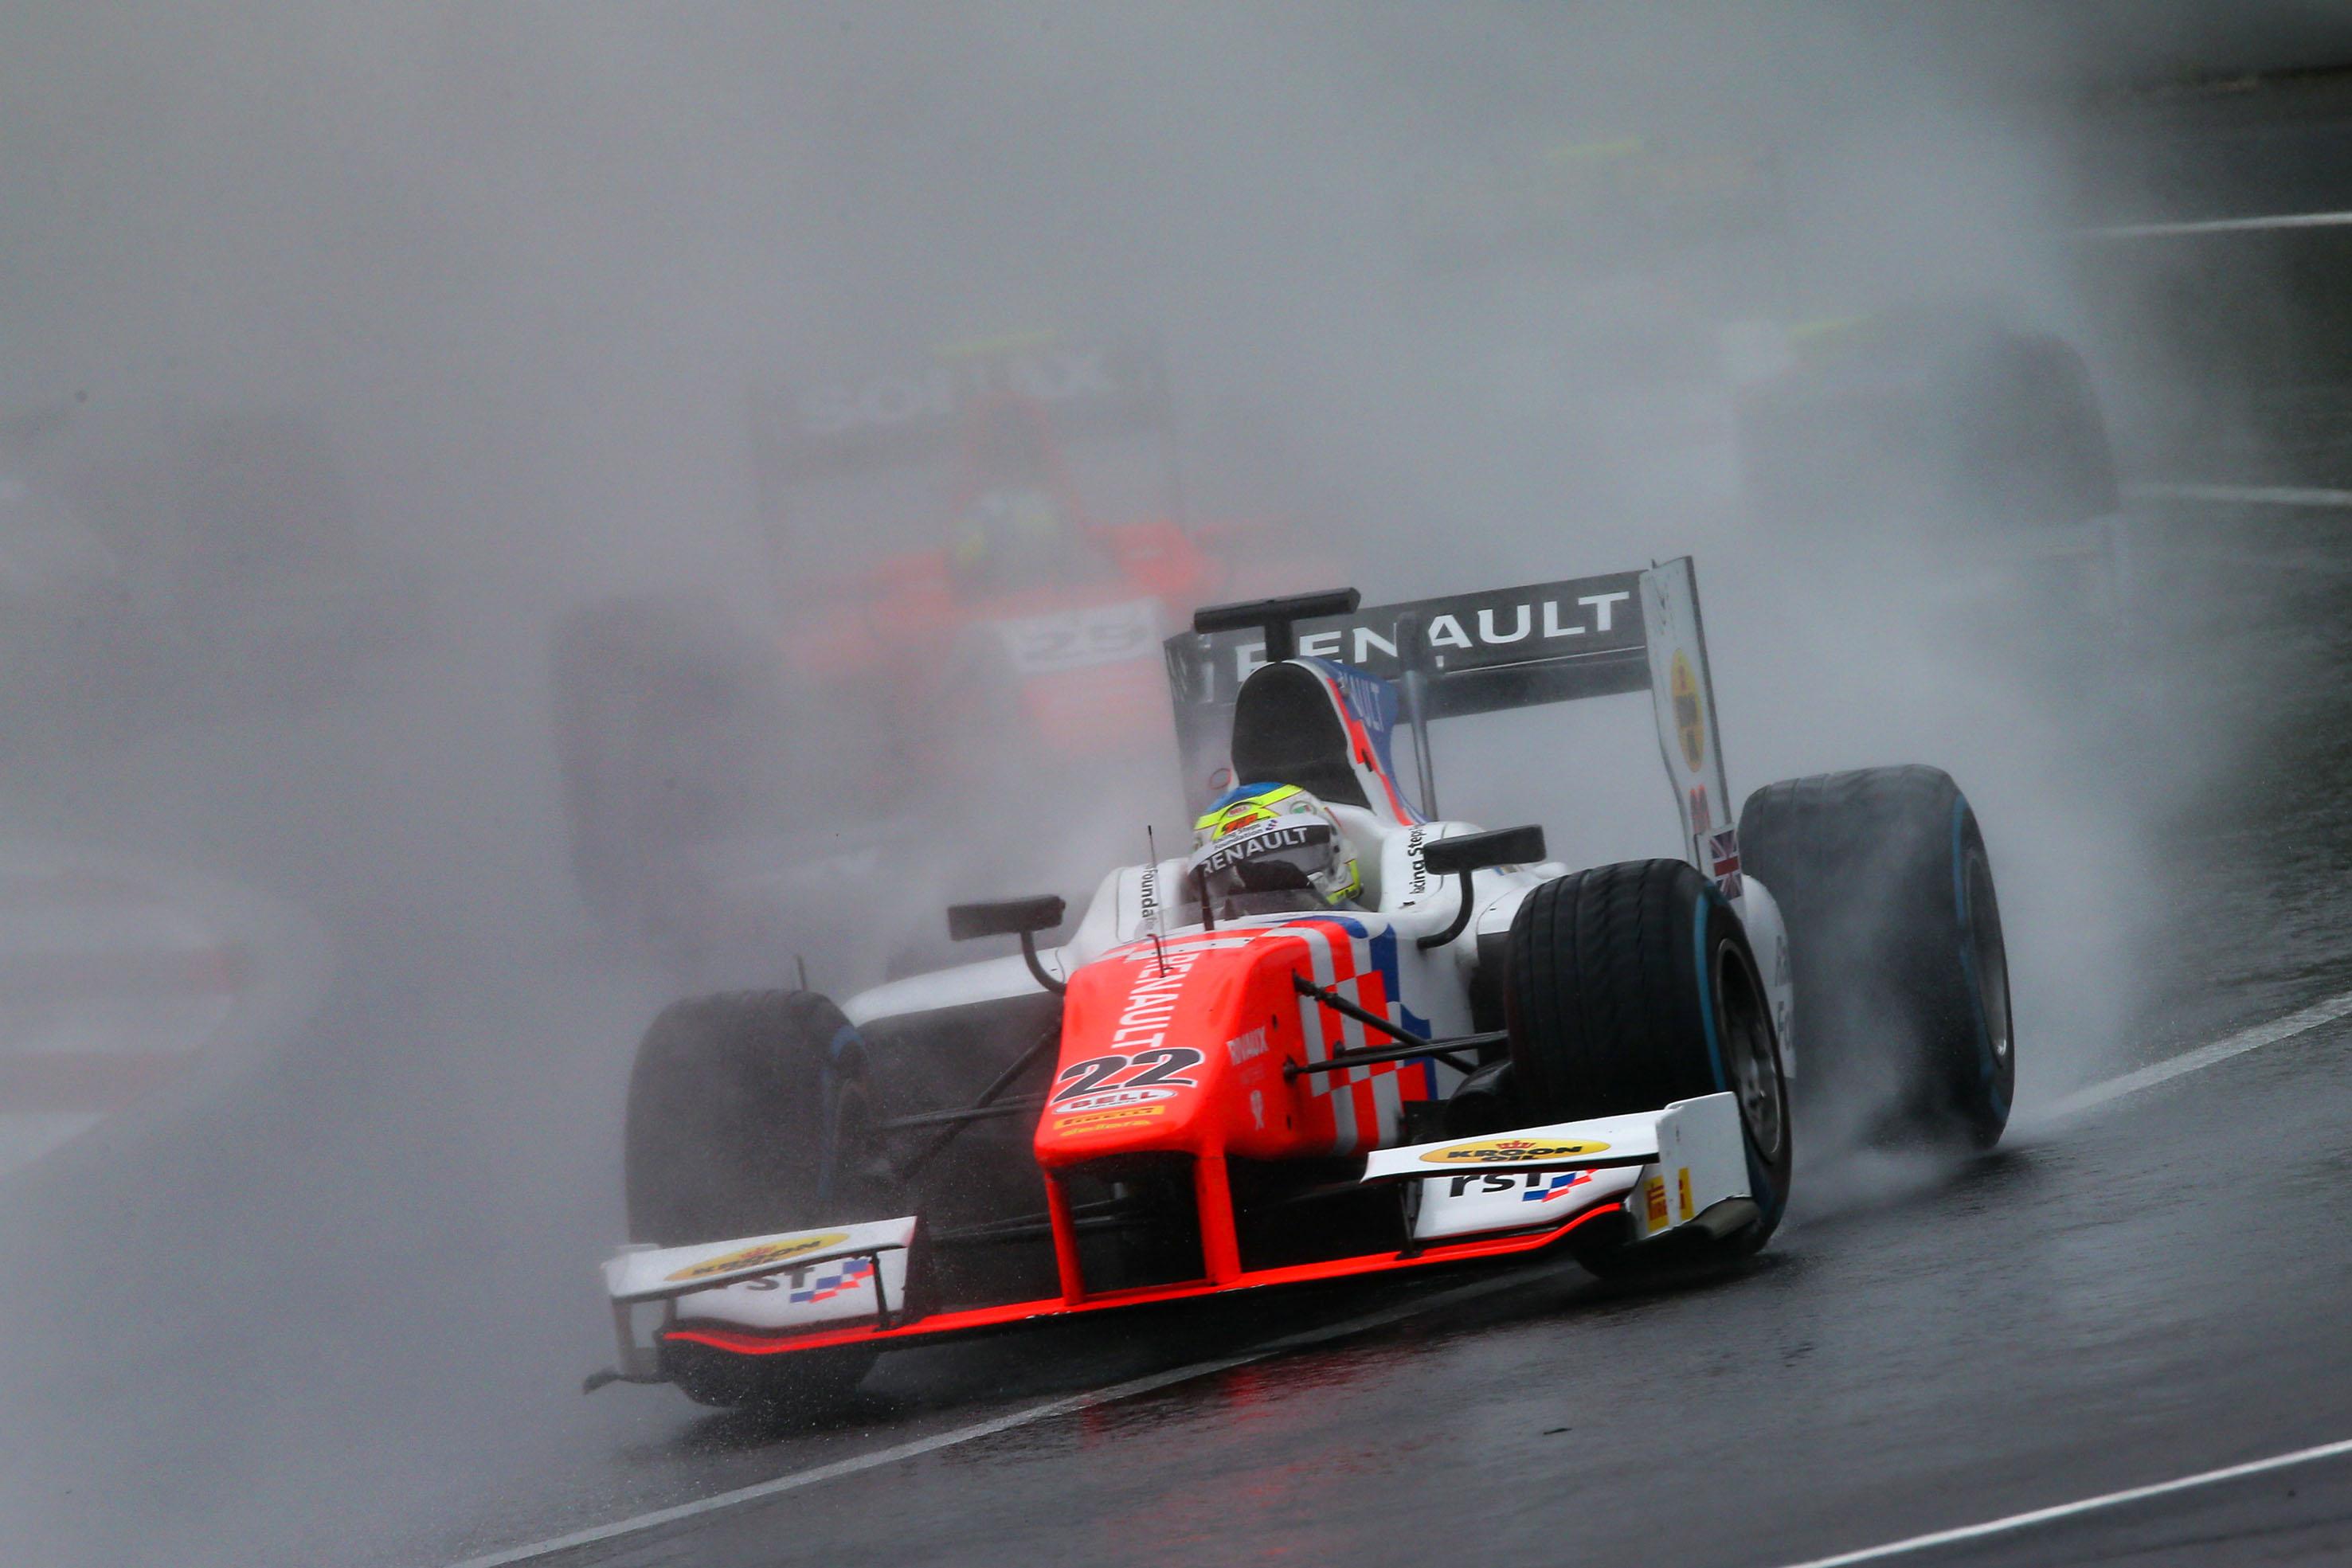 Tweede plaats op Red-Bull-Ring beste GP2-resultaat Rowland en terugkeer op podium voor MP Motorsport